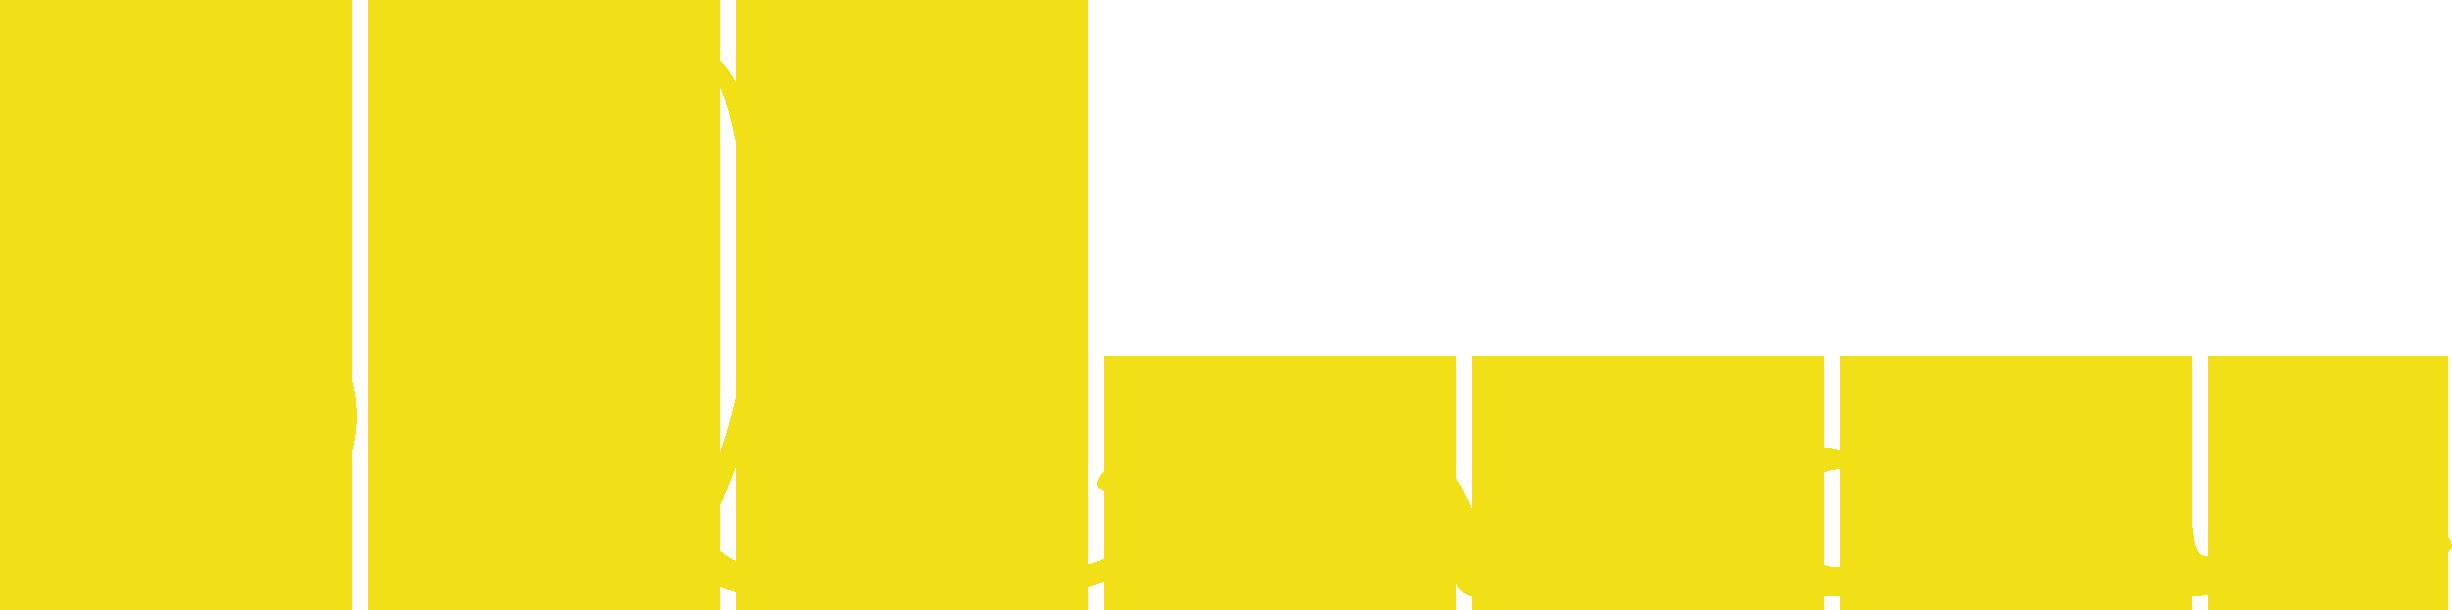 Bubenwosu